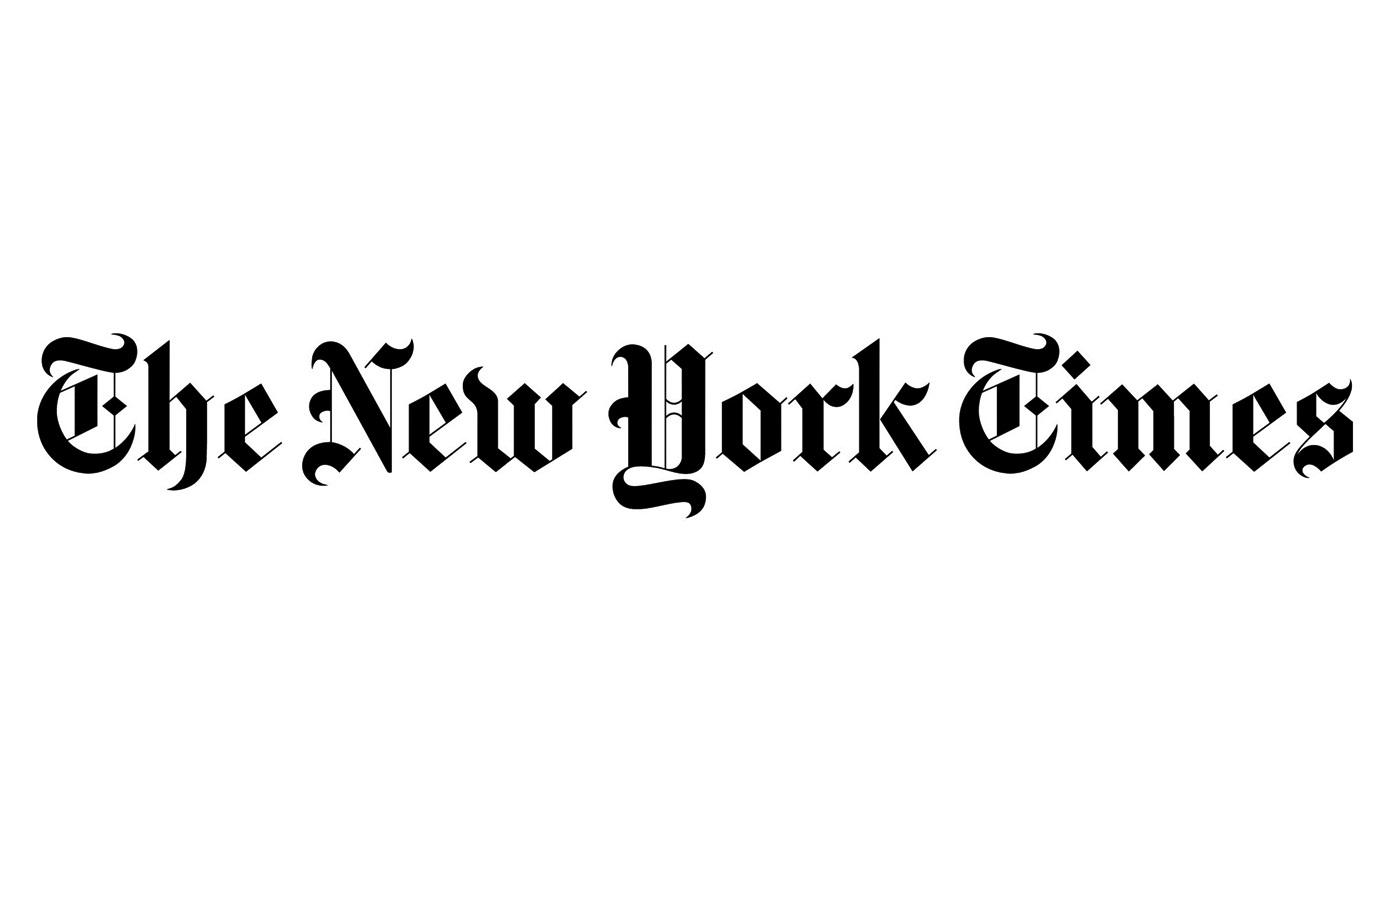 https://global.acceleragent.com/usr/2320548599/CustomPages/images/new-york-times-logo-8.jpg